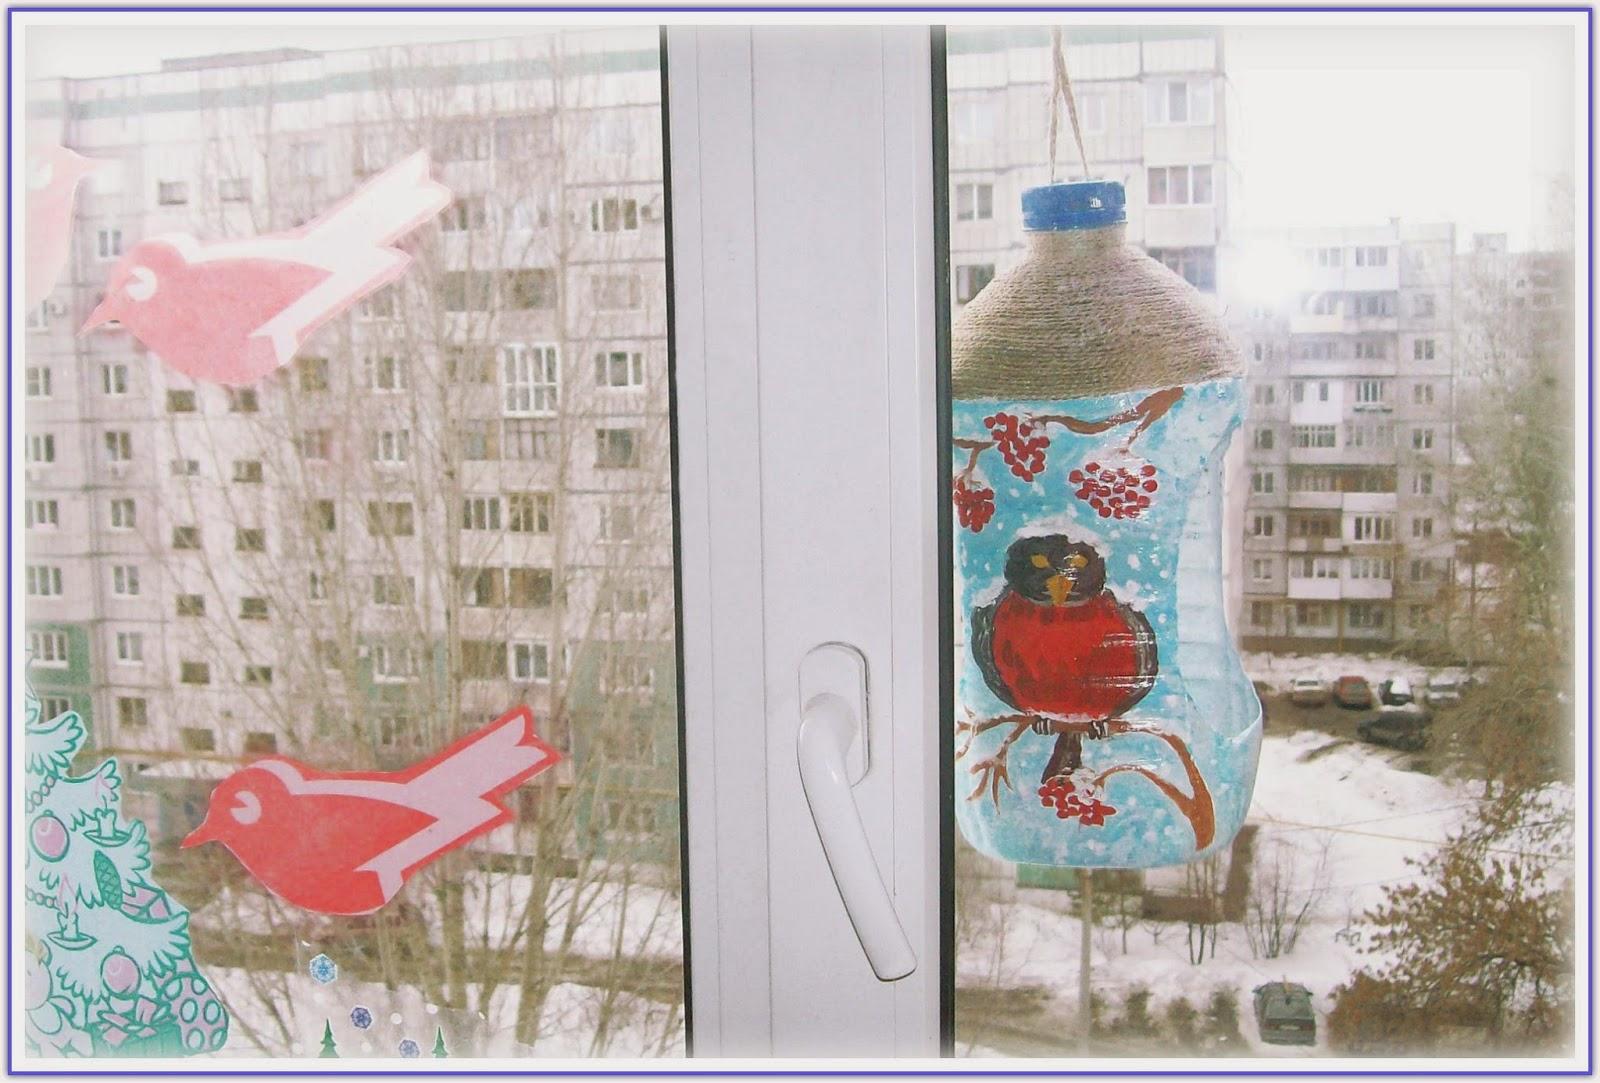 оригинальная кормушка для птиц из пластиковой бутылки